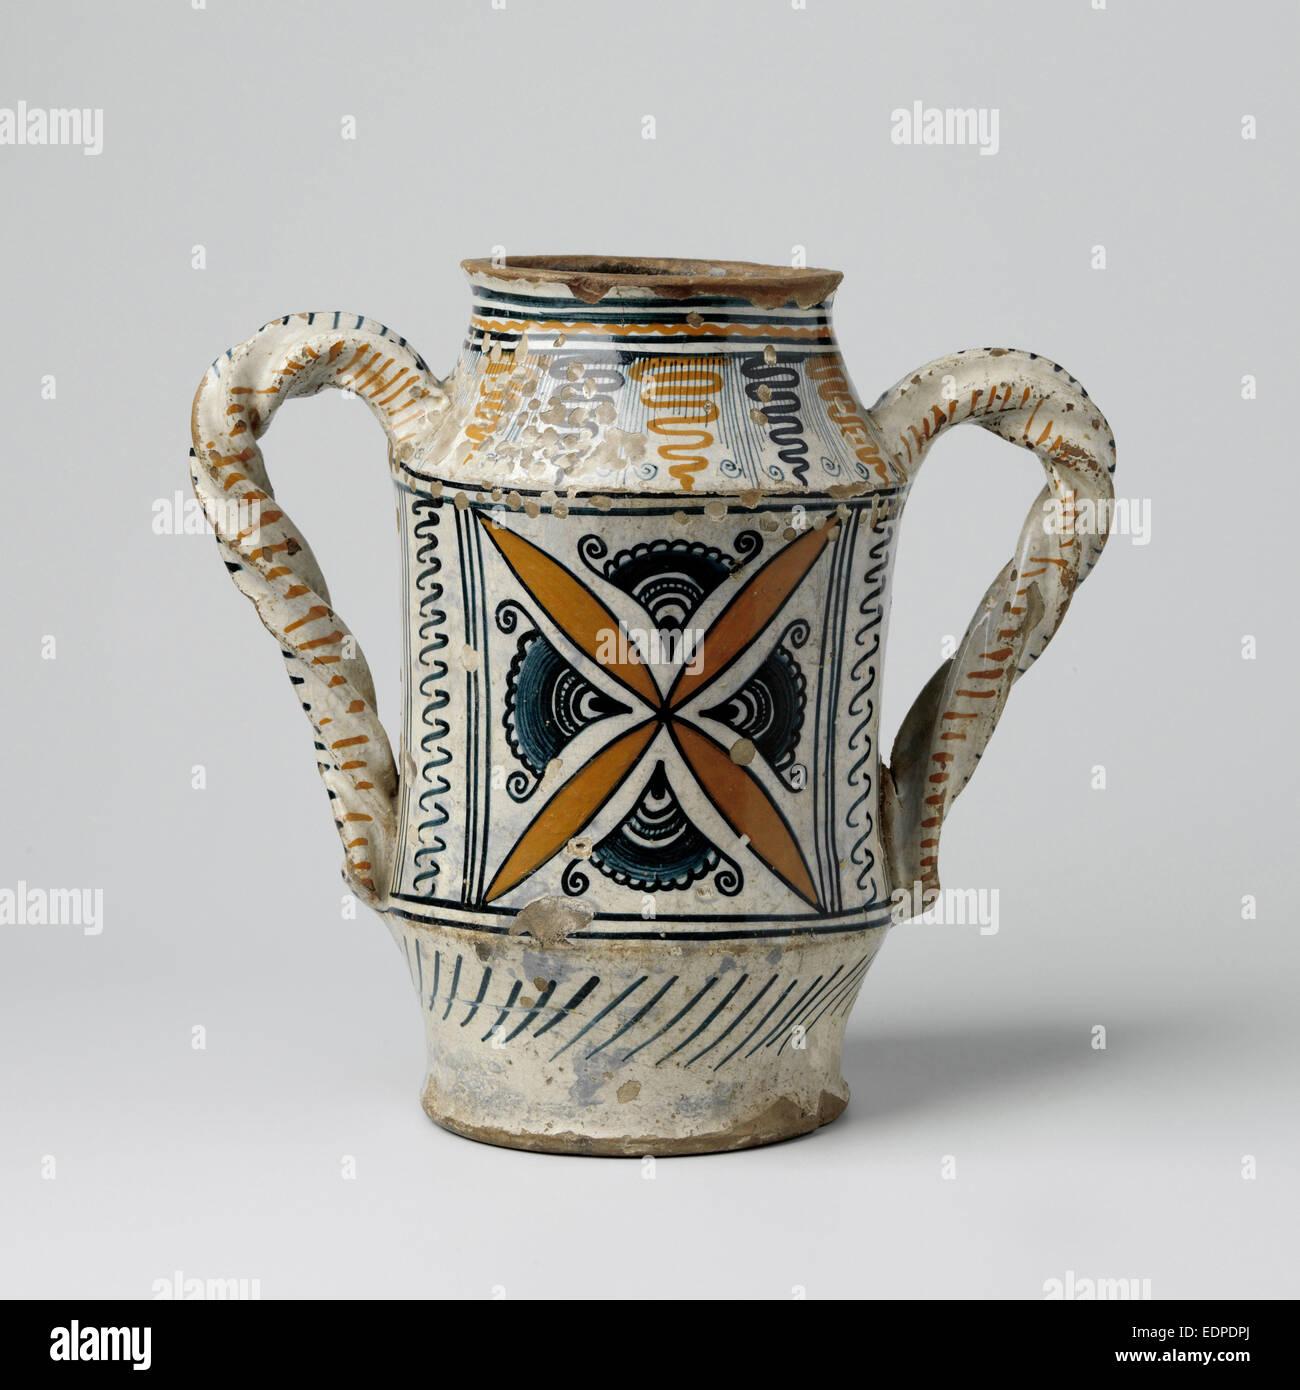 Vaso con due orecchie ritorta, decorata con a forma di stella ornamenti, foglie appuntite, girante forme e spirali Immagini Stock